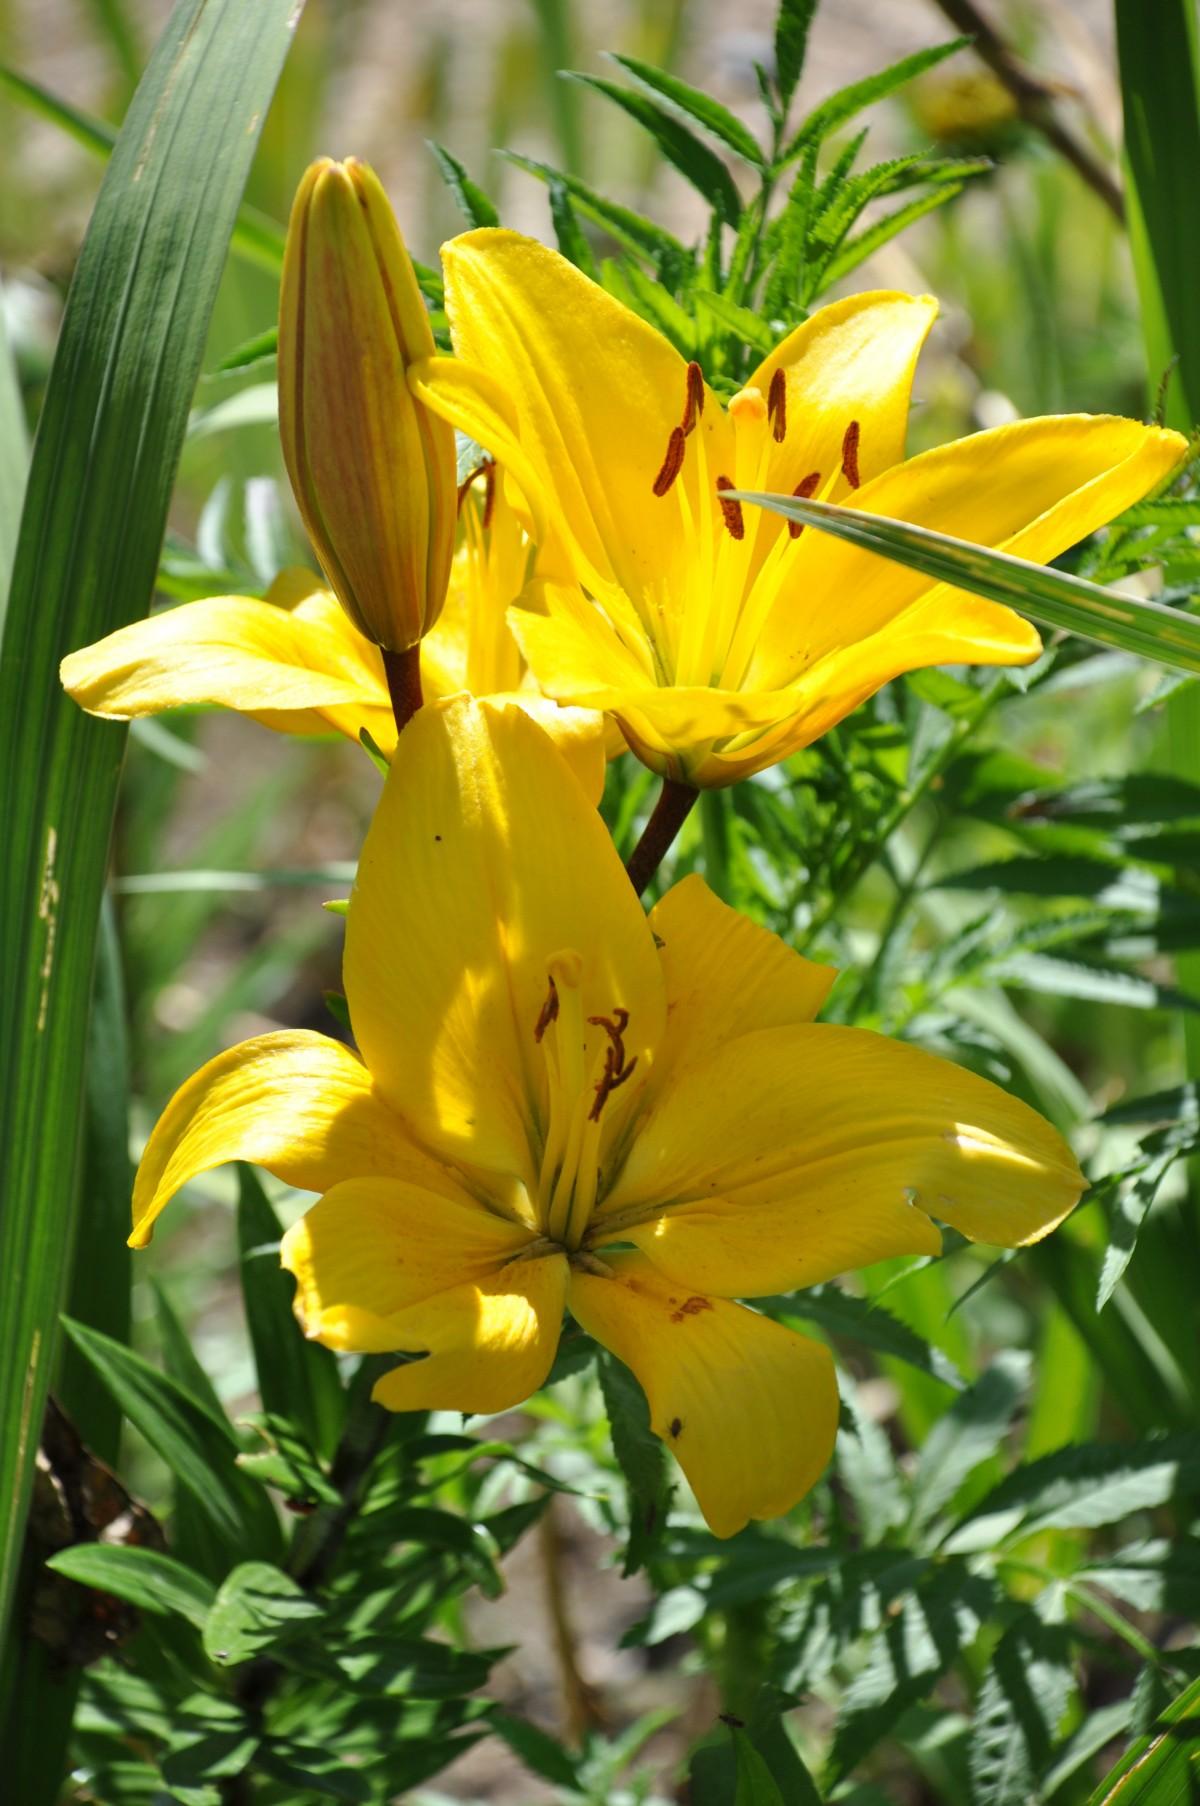 Images Gratuites : fleur, pétale, vert, botanique, flore ...